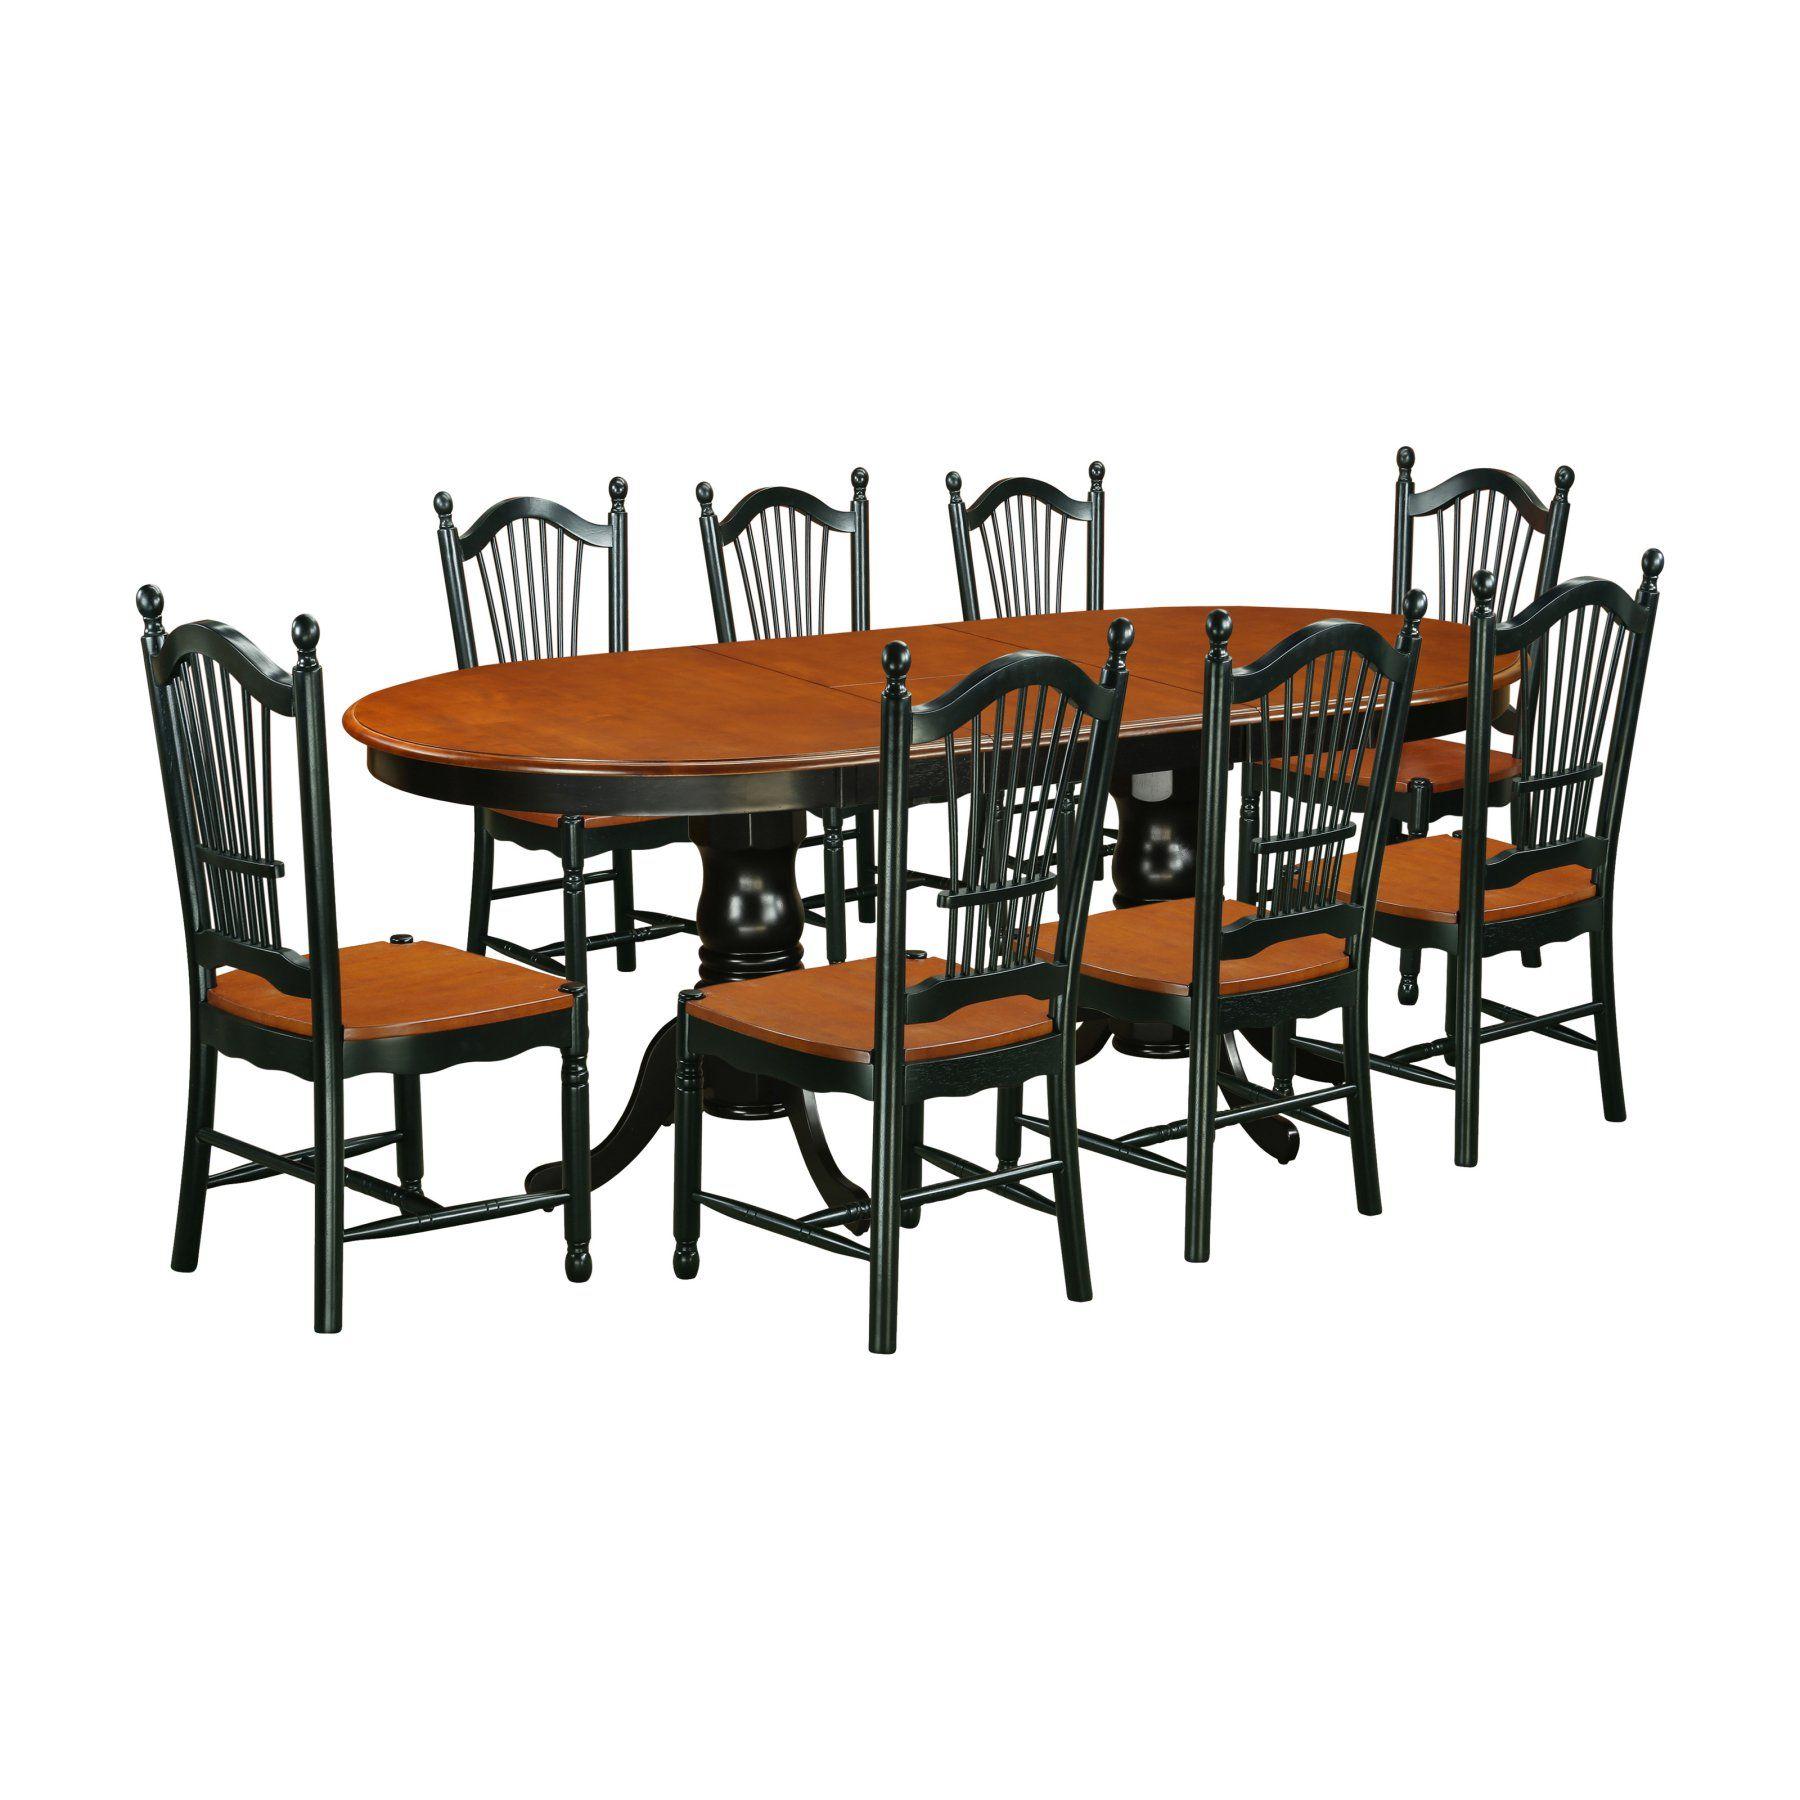 Amazing East West Furniture 9 Piece Plainville Extending Dining Inzonedesignstudio Interior Chair Design Inzonedesignstudiocom